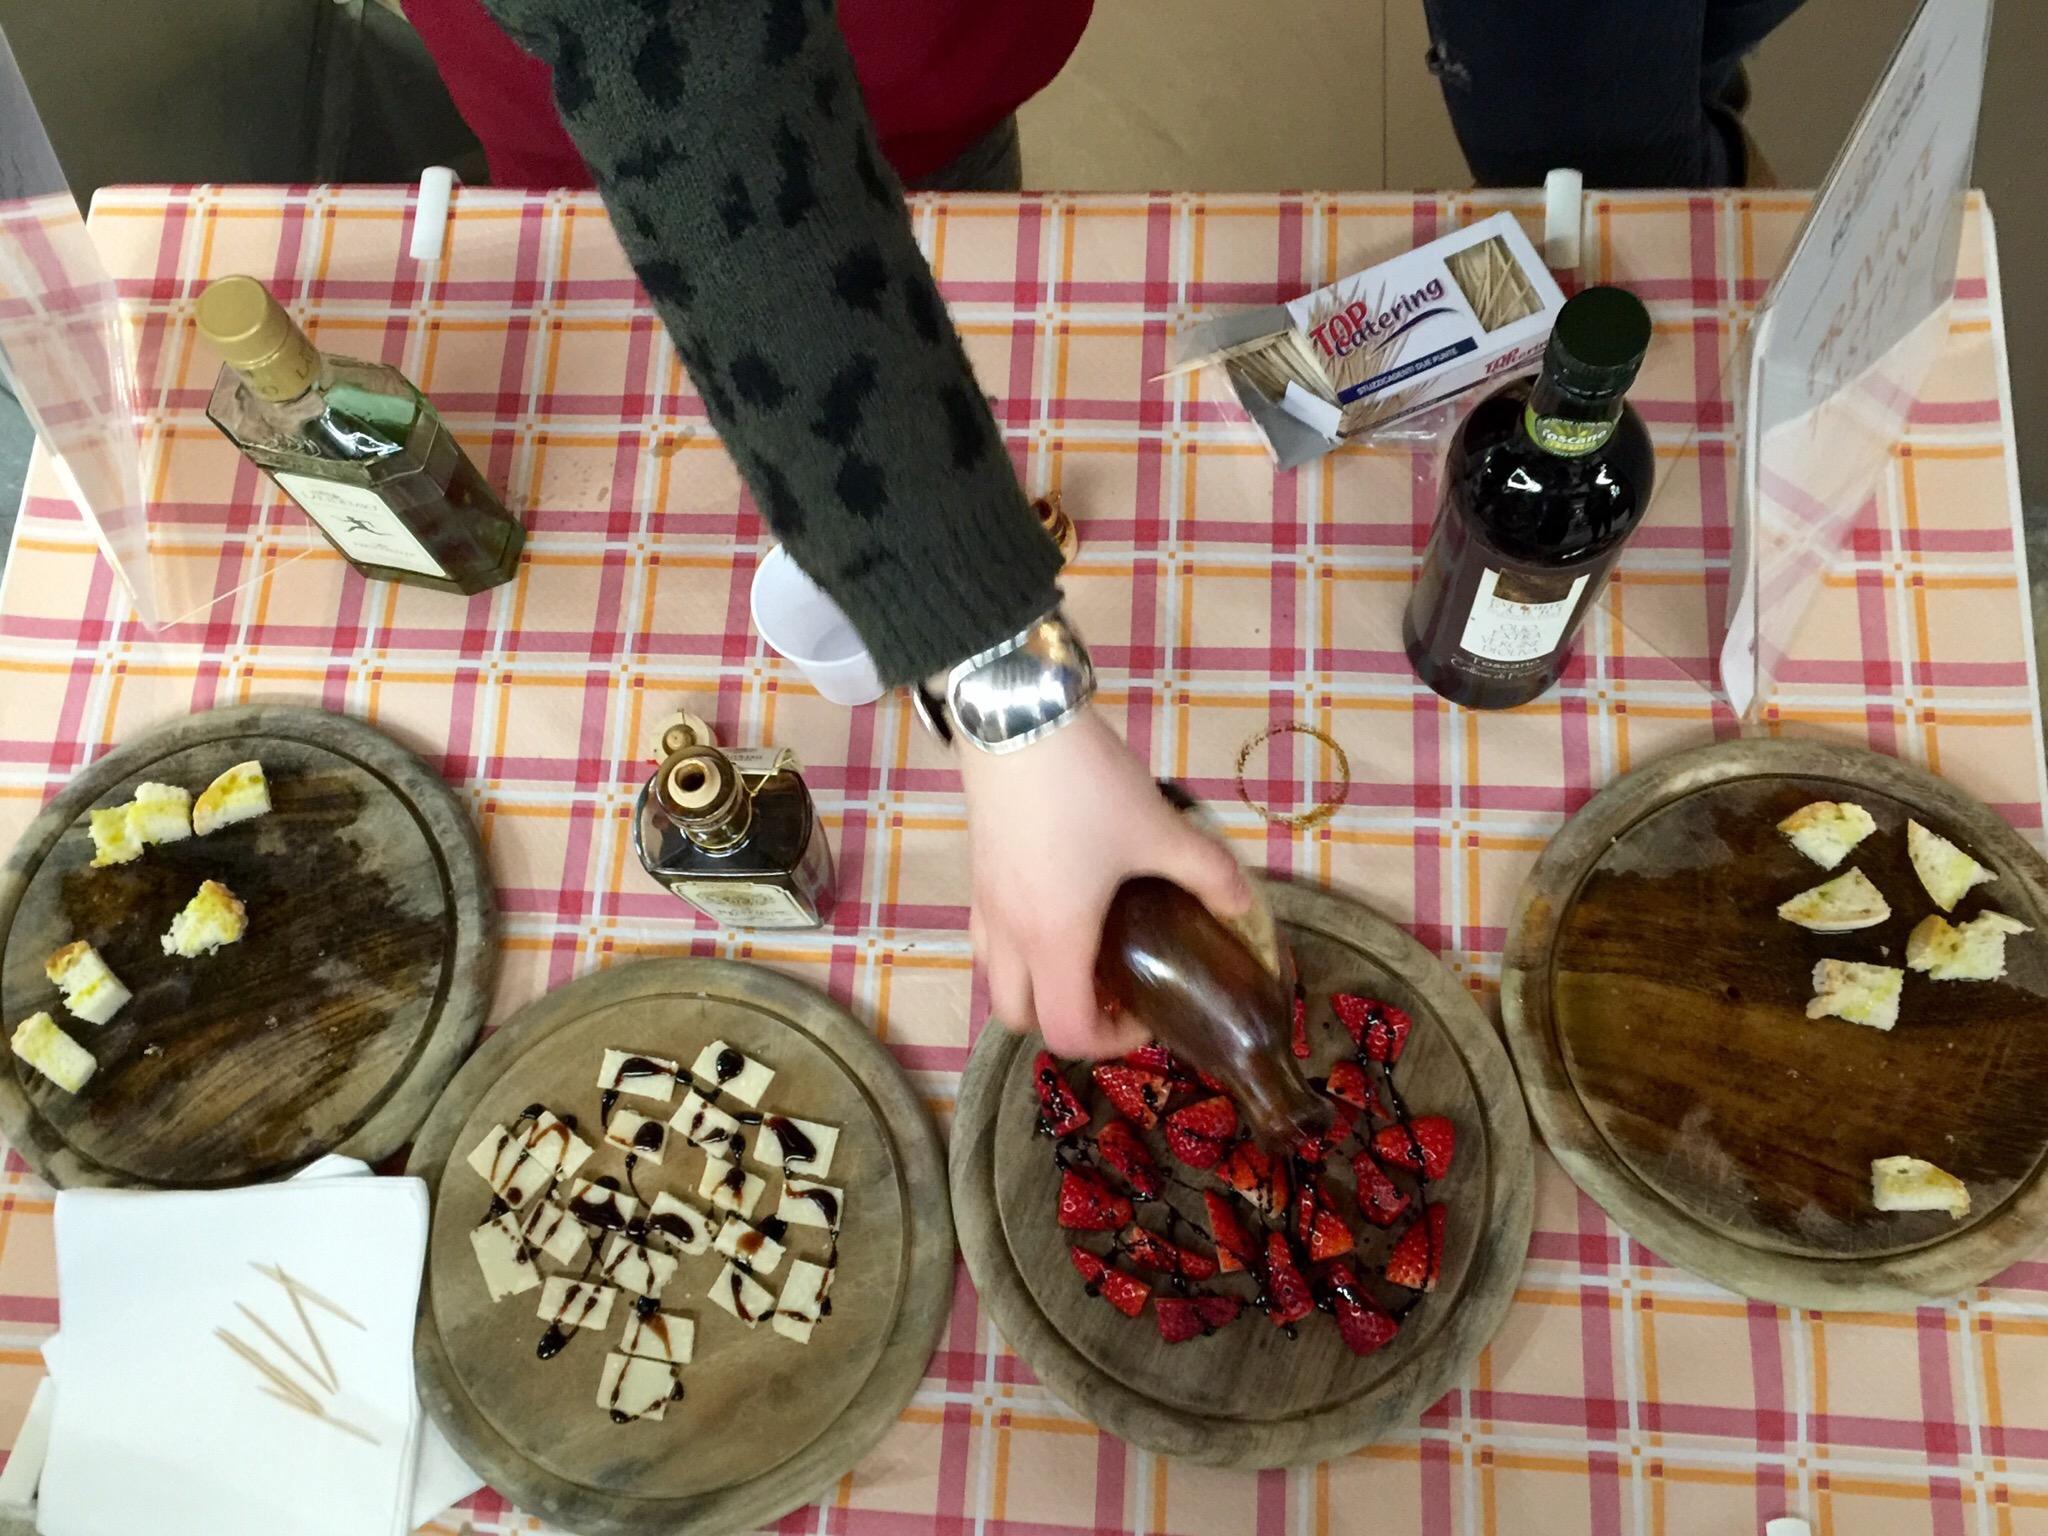 Olive oil and balsamic vinegar tasting